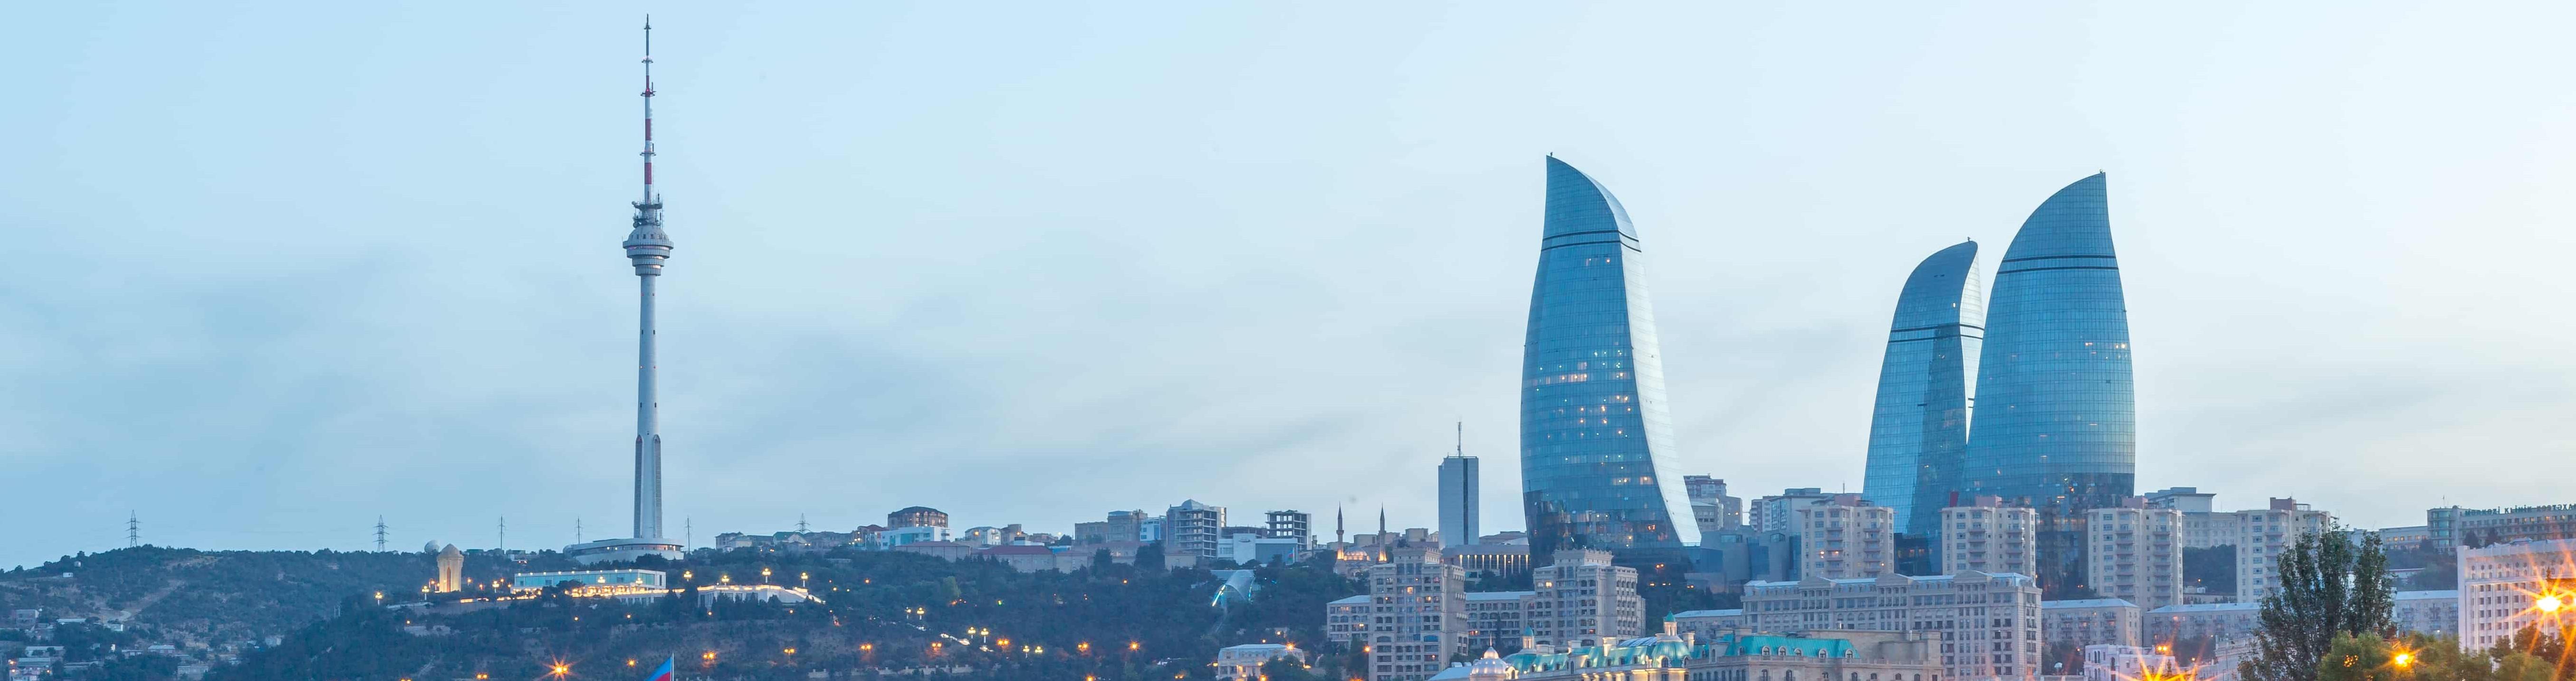 SkyUp уже в Баку: перший рейс відправився зі Львова